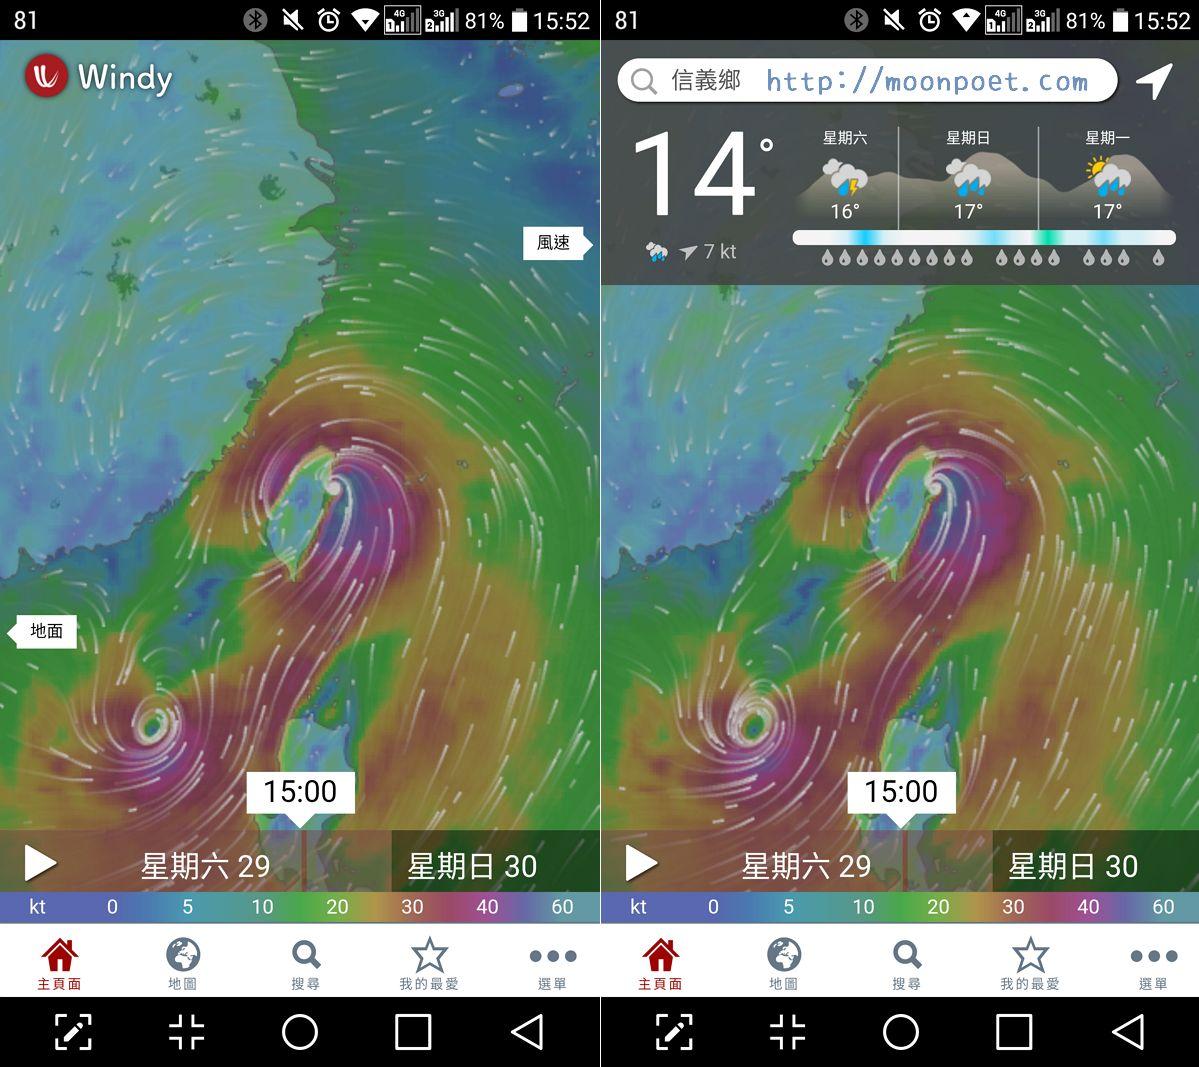 Windy APP 極美系氣象預報工具 用線條與色彩勾勒的氣象圖